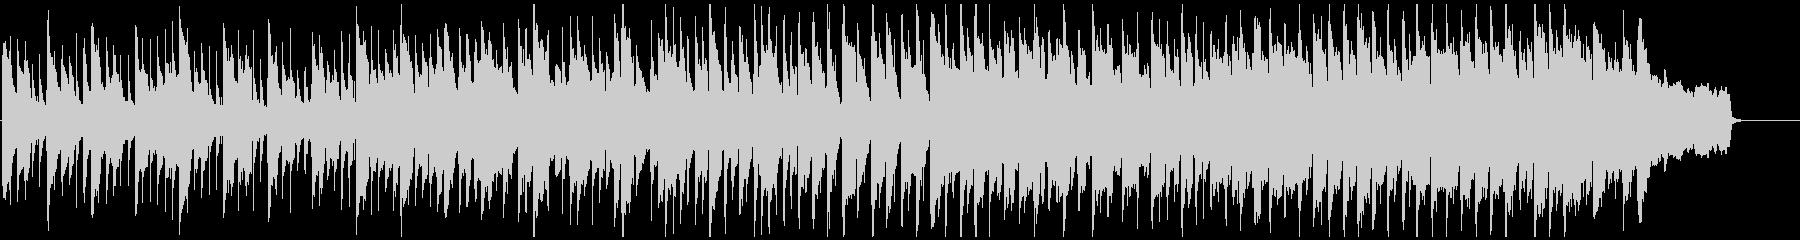 メルヘンチックでキラキラしたリコーダー曲の未再生の波形